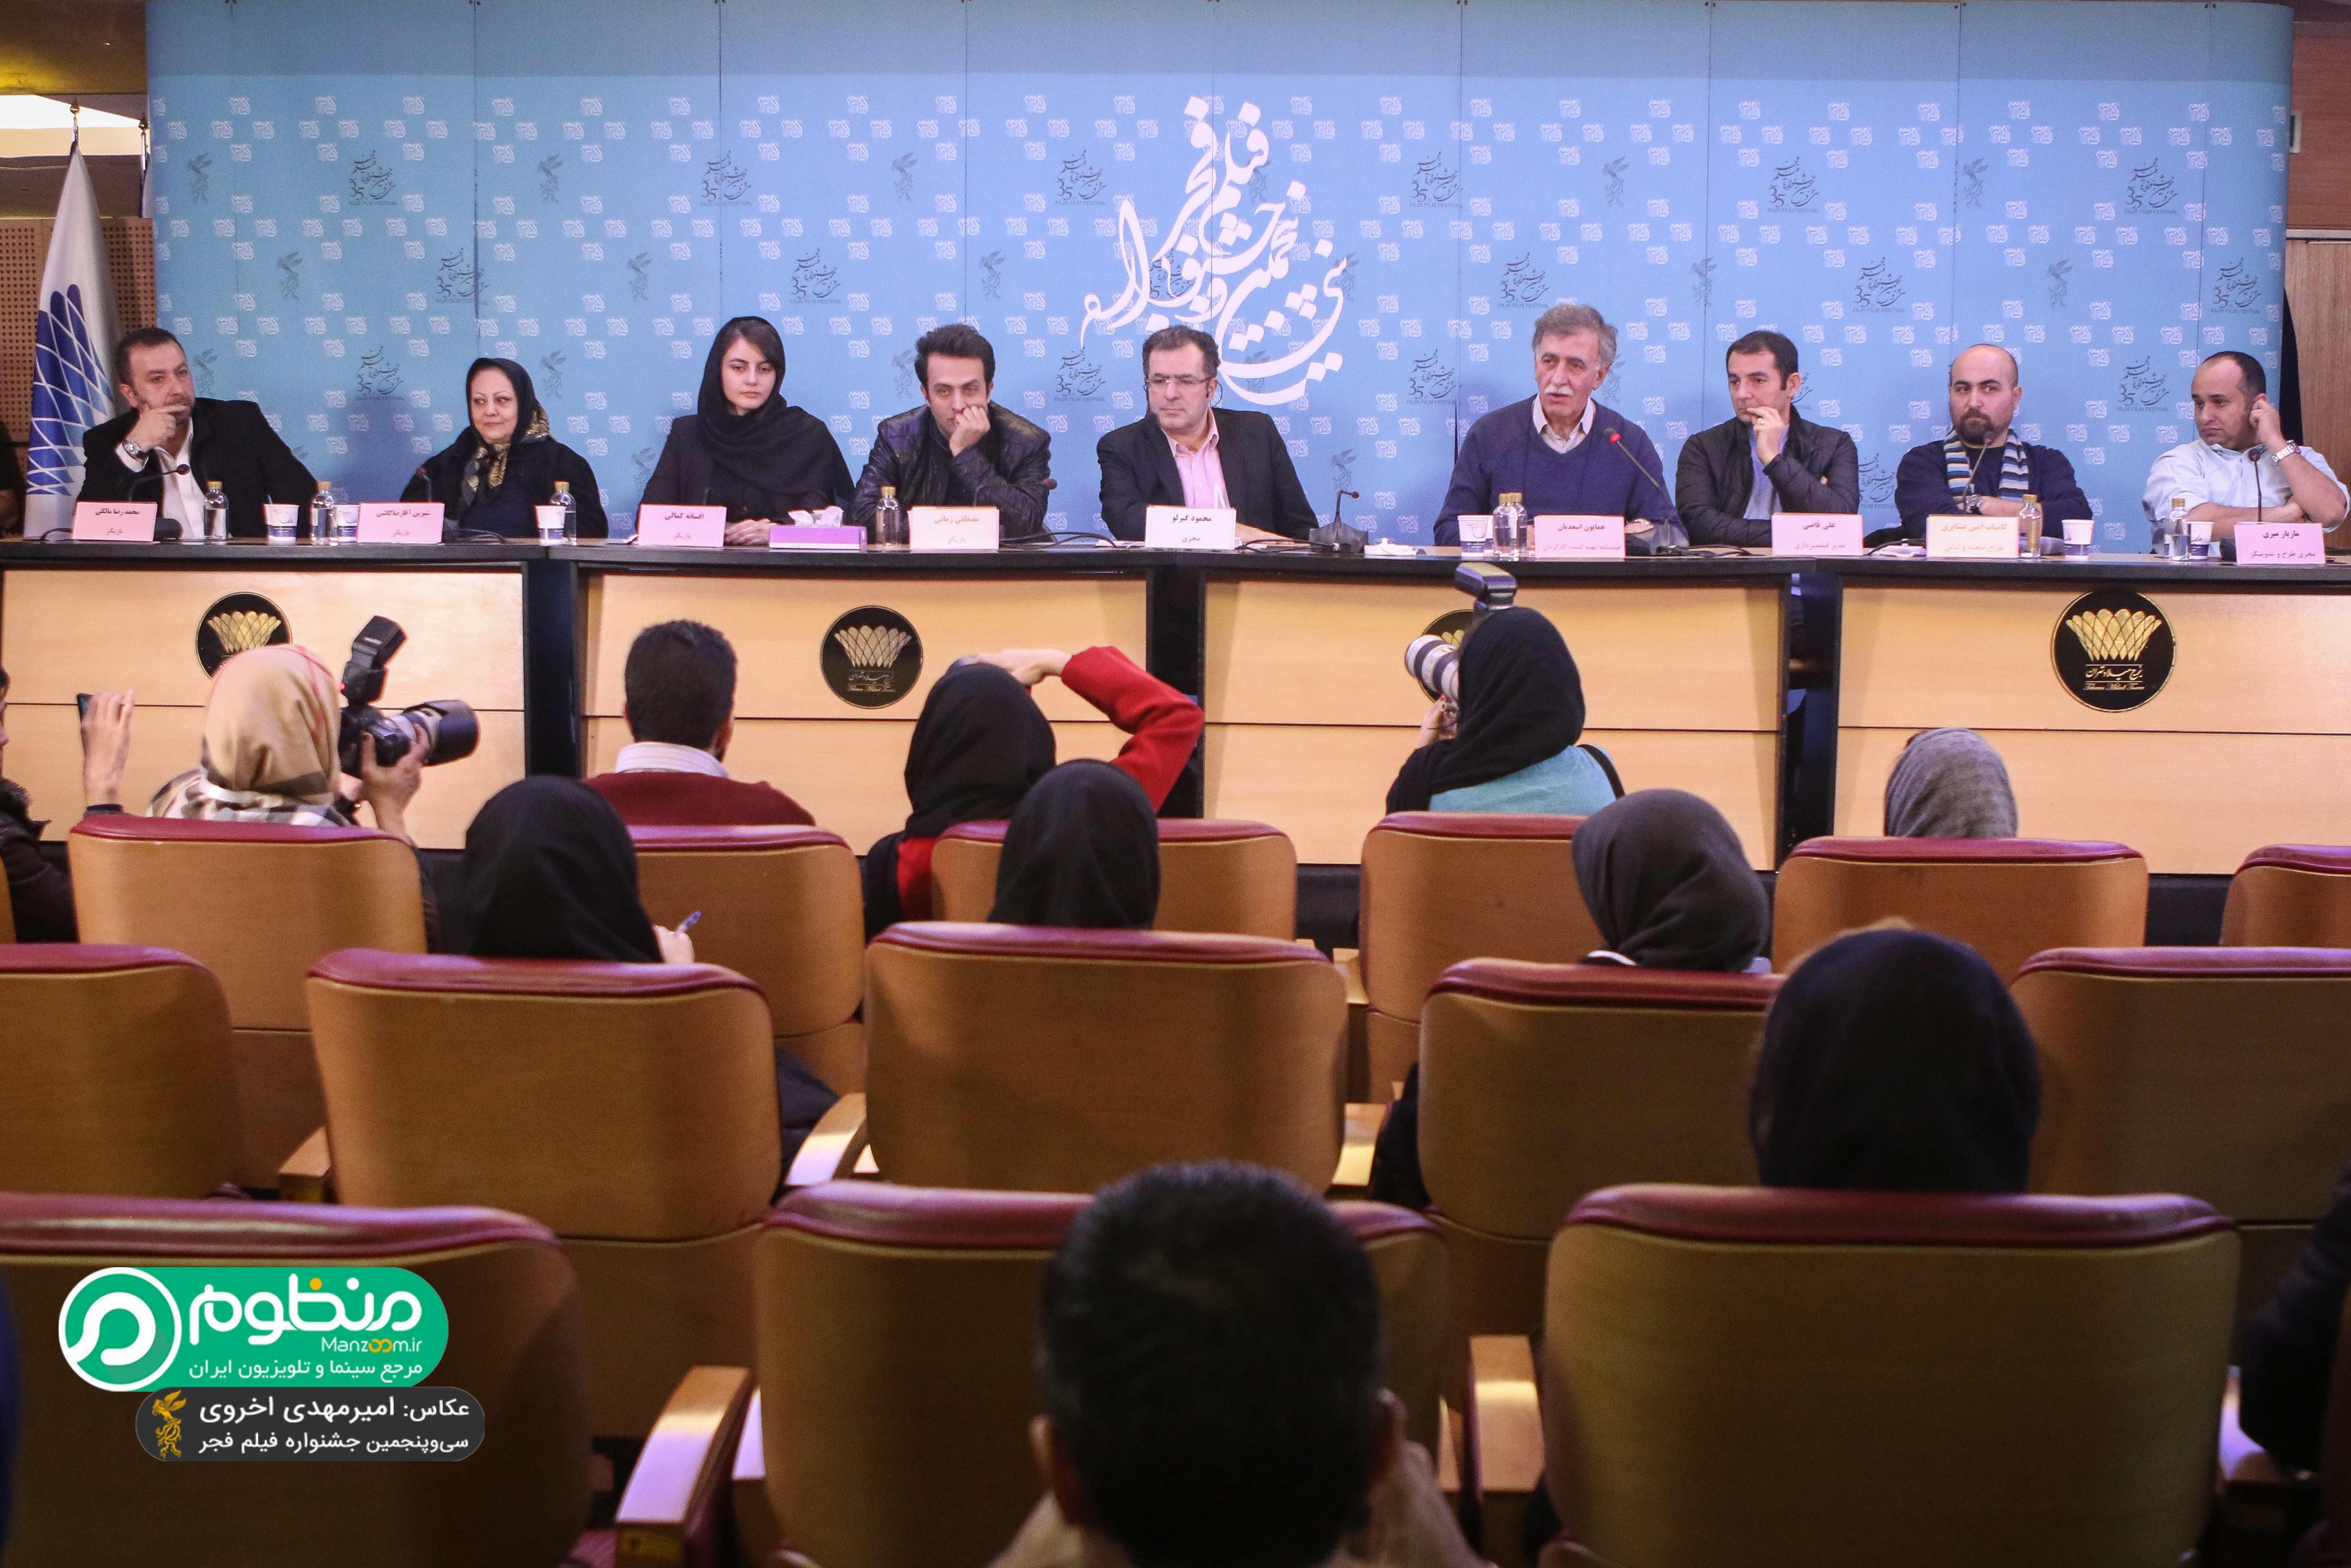 شیرین آقارضا کاشی در نشست خبری فیلم سینمایی یک روز بخصوص به همراه افسانه کمالی، مازیار میری، همایون اسعدیان و مصطفی زمانی